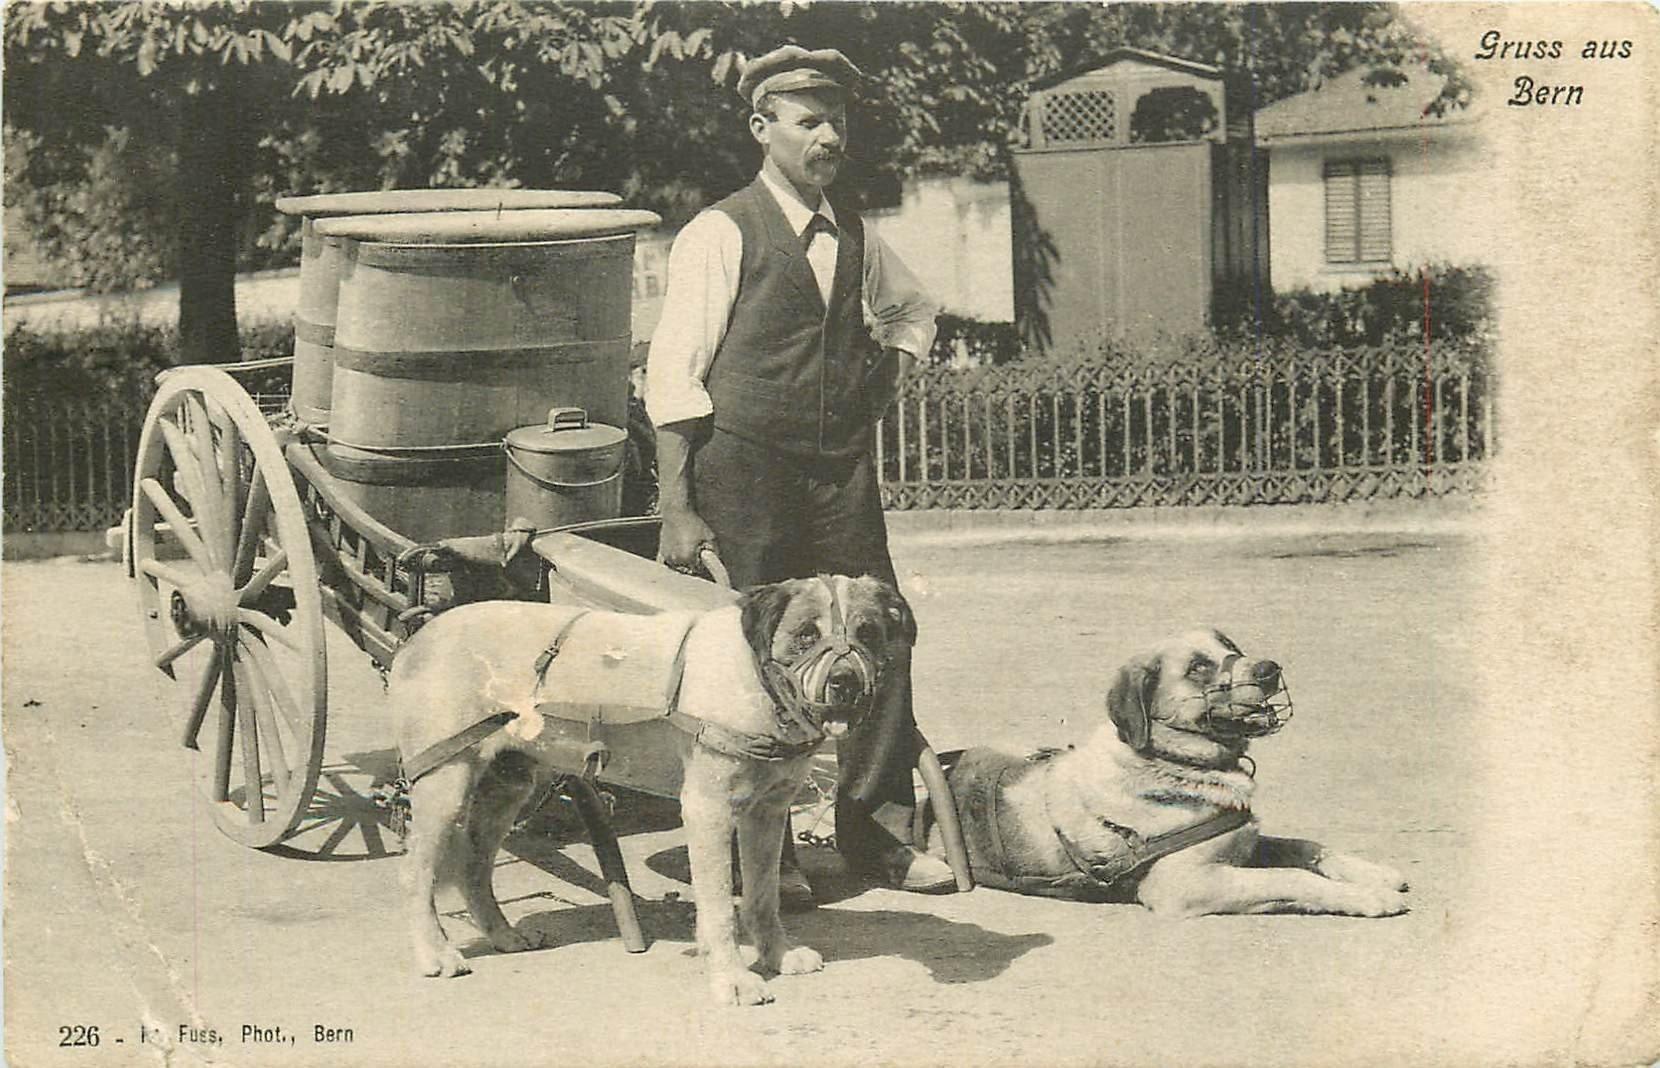 WW BERN BERNE. Attelage de chiens pour transport de lait 1919